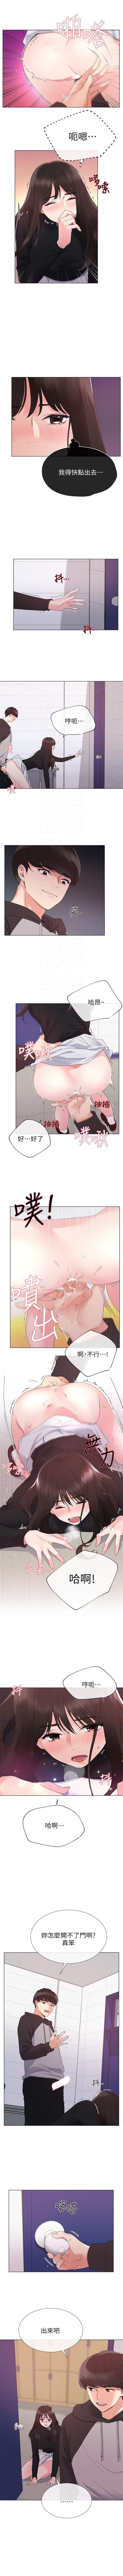 (週5)重考生 1-52 中文翻譯(更新中) 165